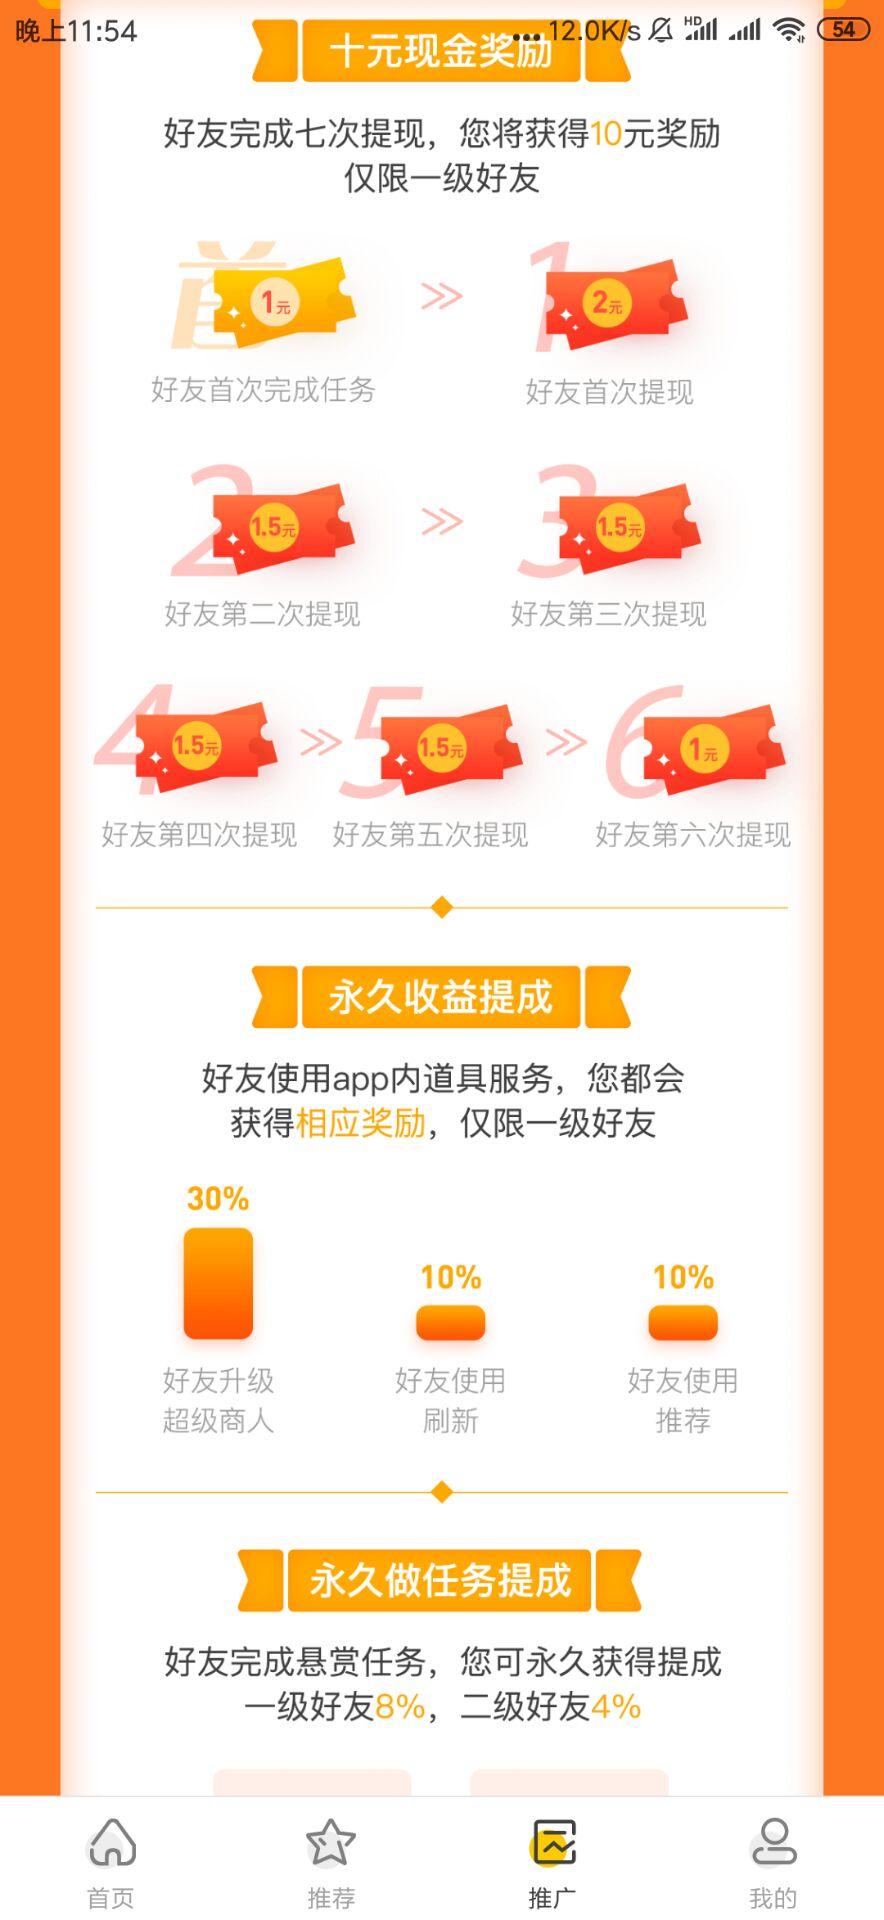 正规的手机赚钱软件哪个好?悬赏猫是最靠谱的平台 第4张